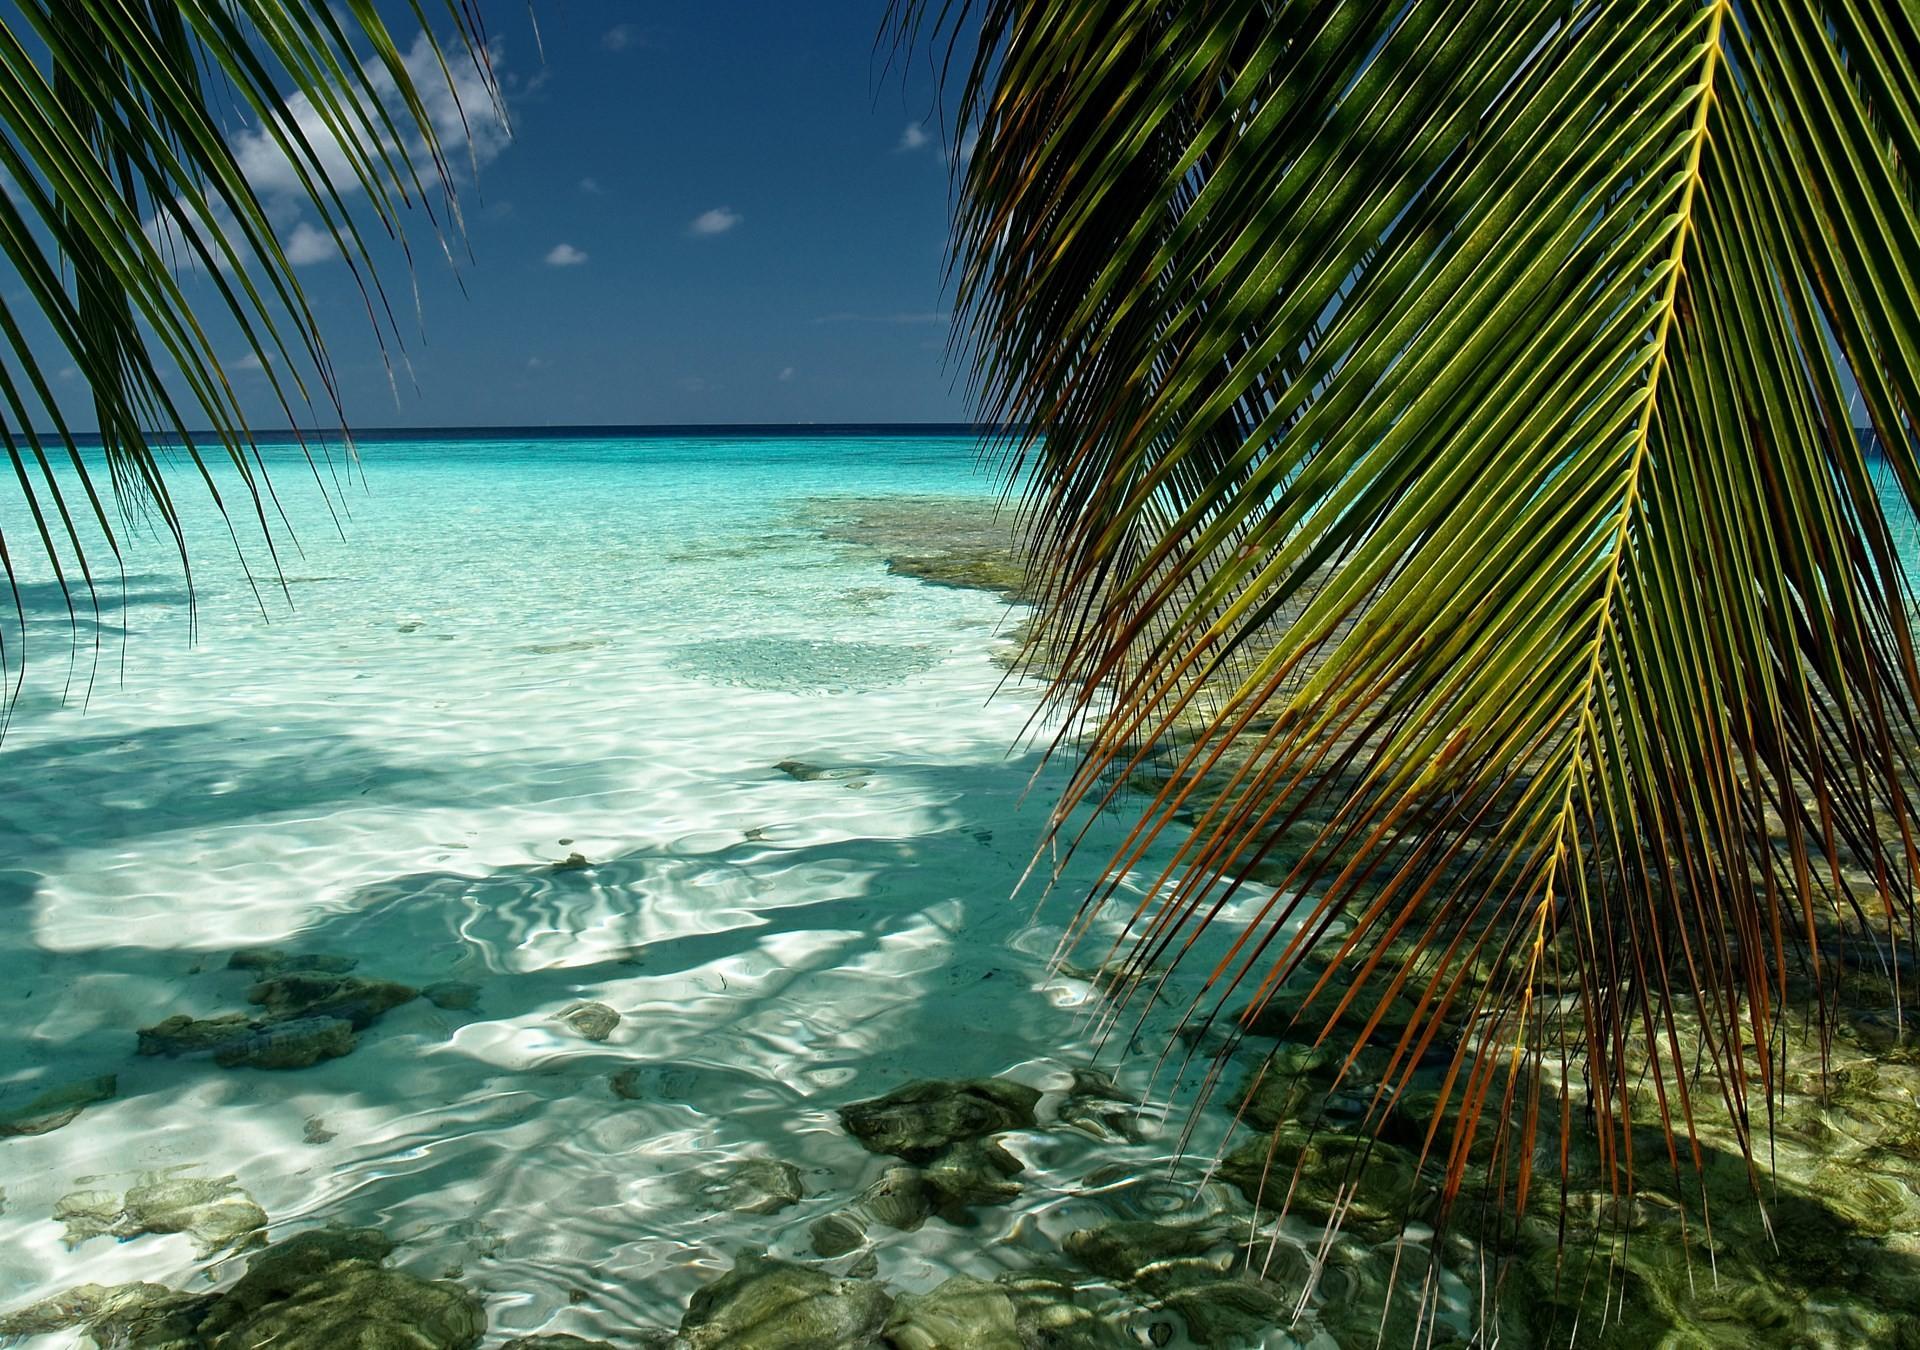 Desktop Background – beach